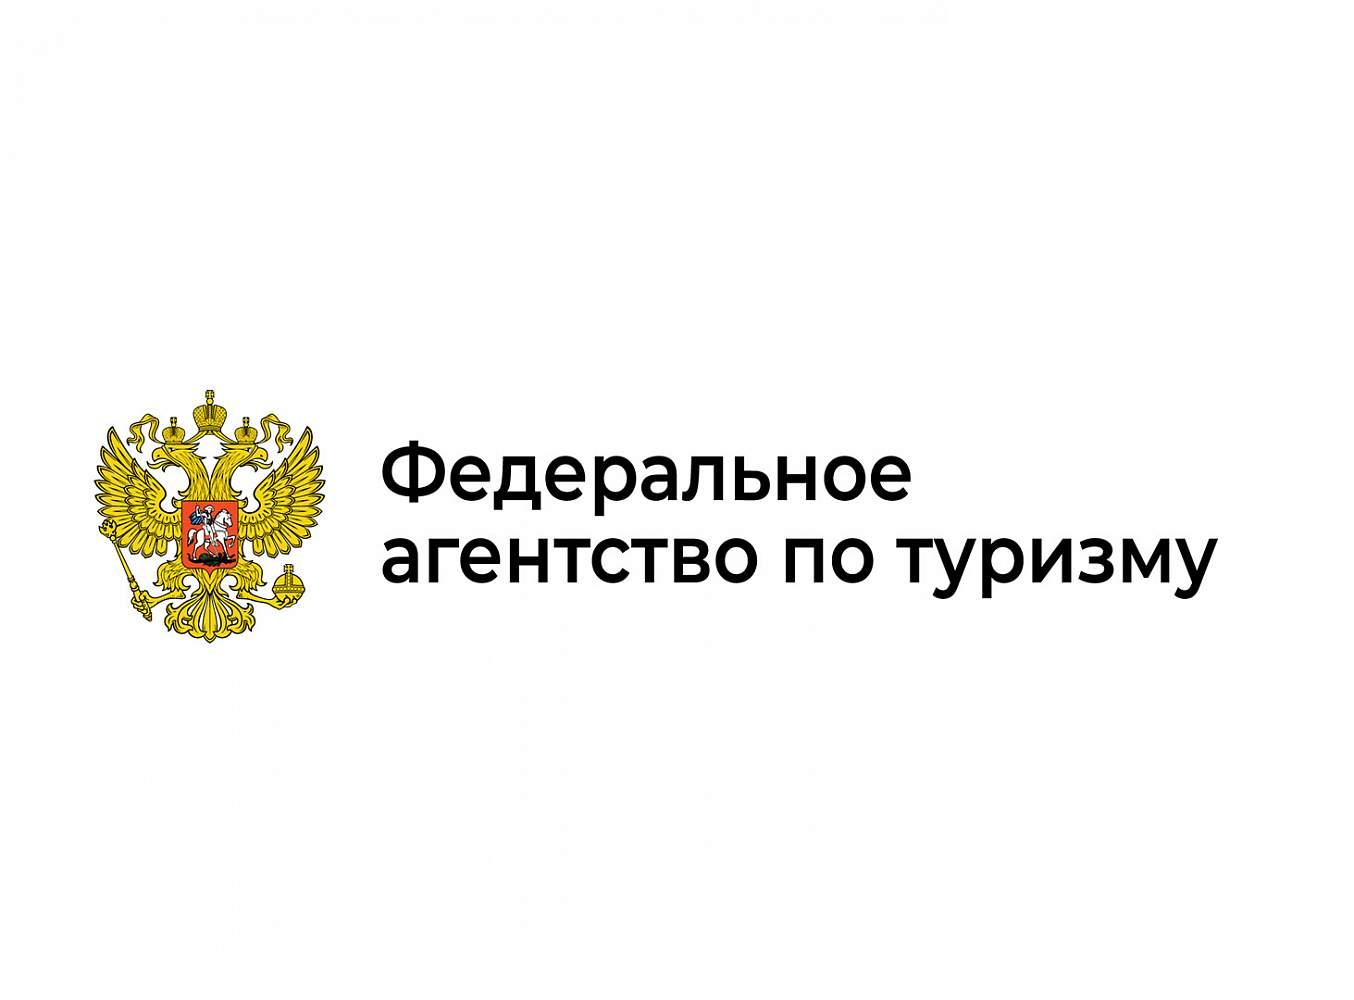 Когда в мае 2021 откроются чартеры в Египет россиянам туристам - последние новости сегодня